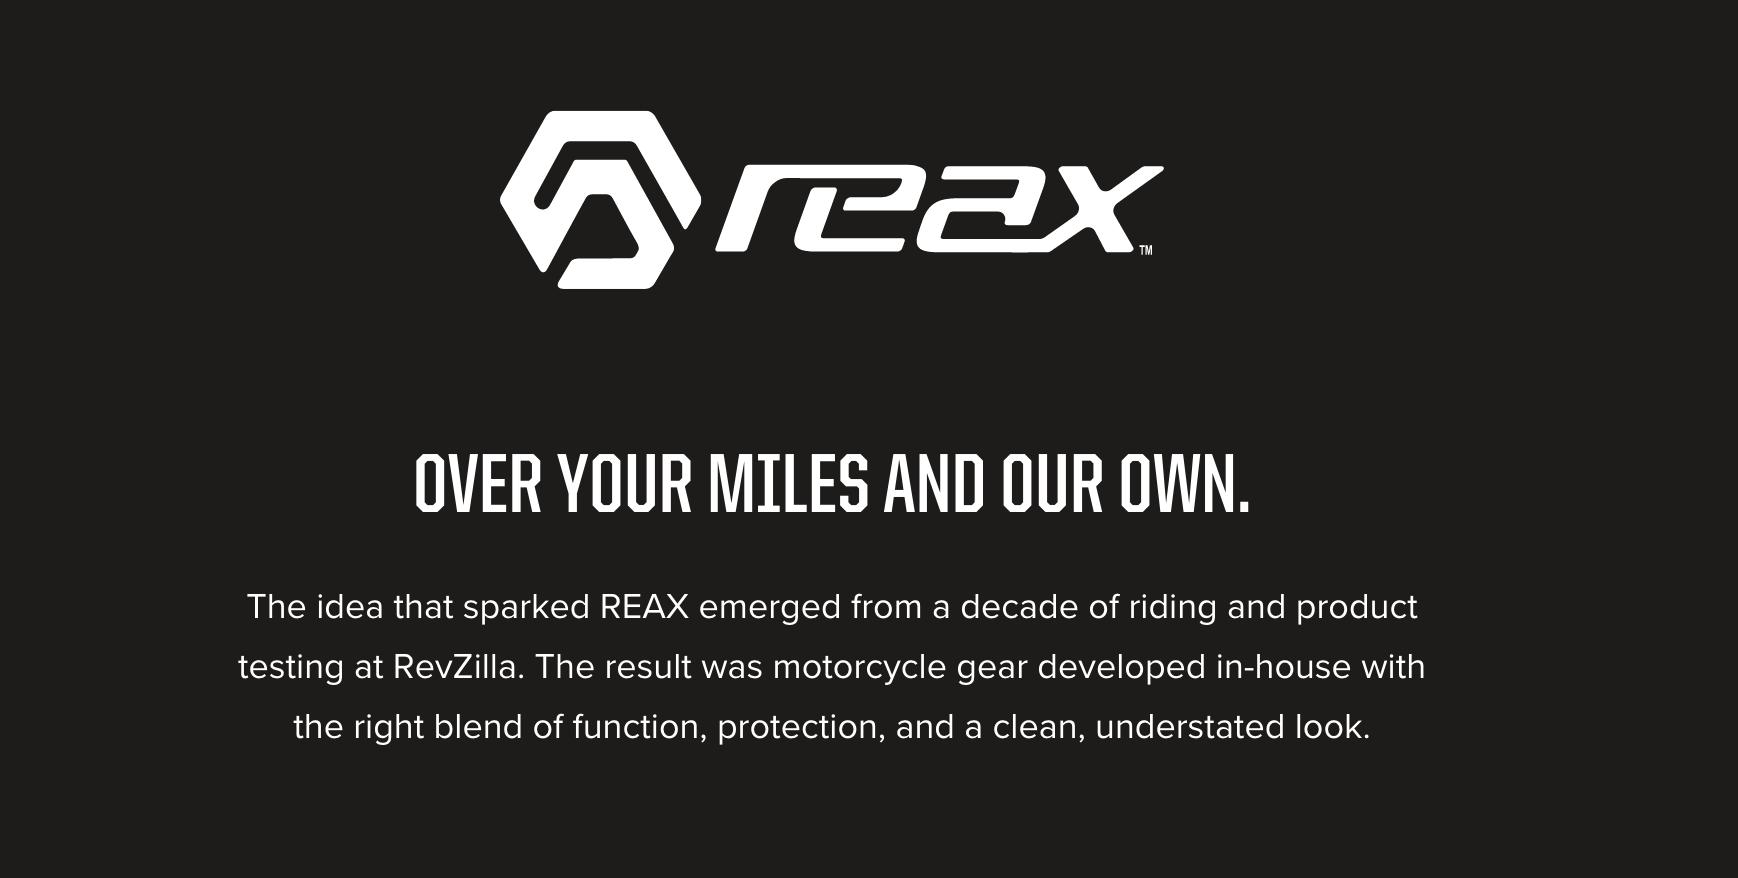 ★アメリカの大手バイク用品サイトRevZilla 自社アパレルブランド「REAX」を立ち上げ